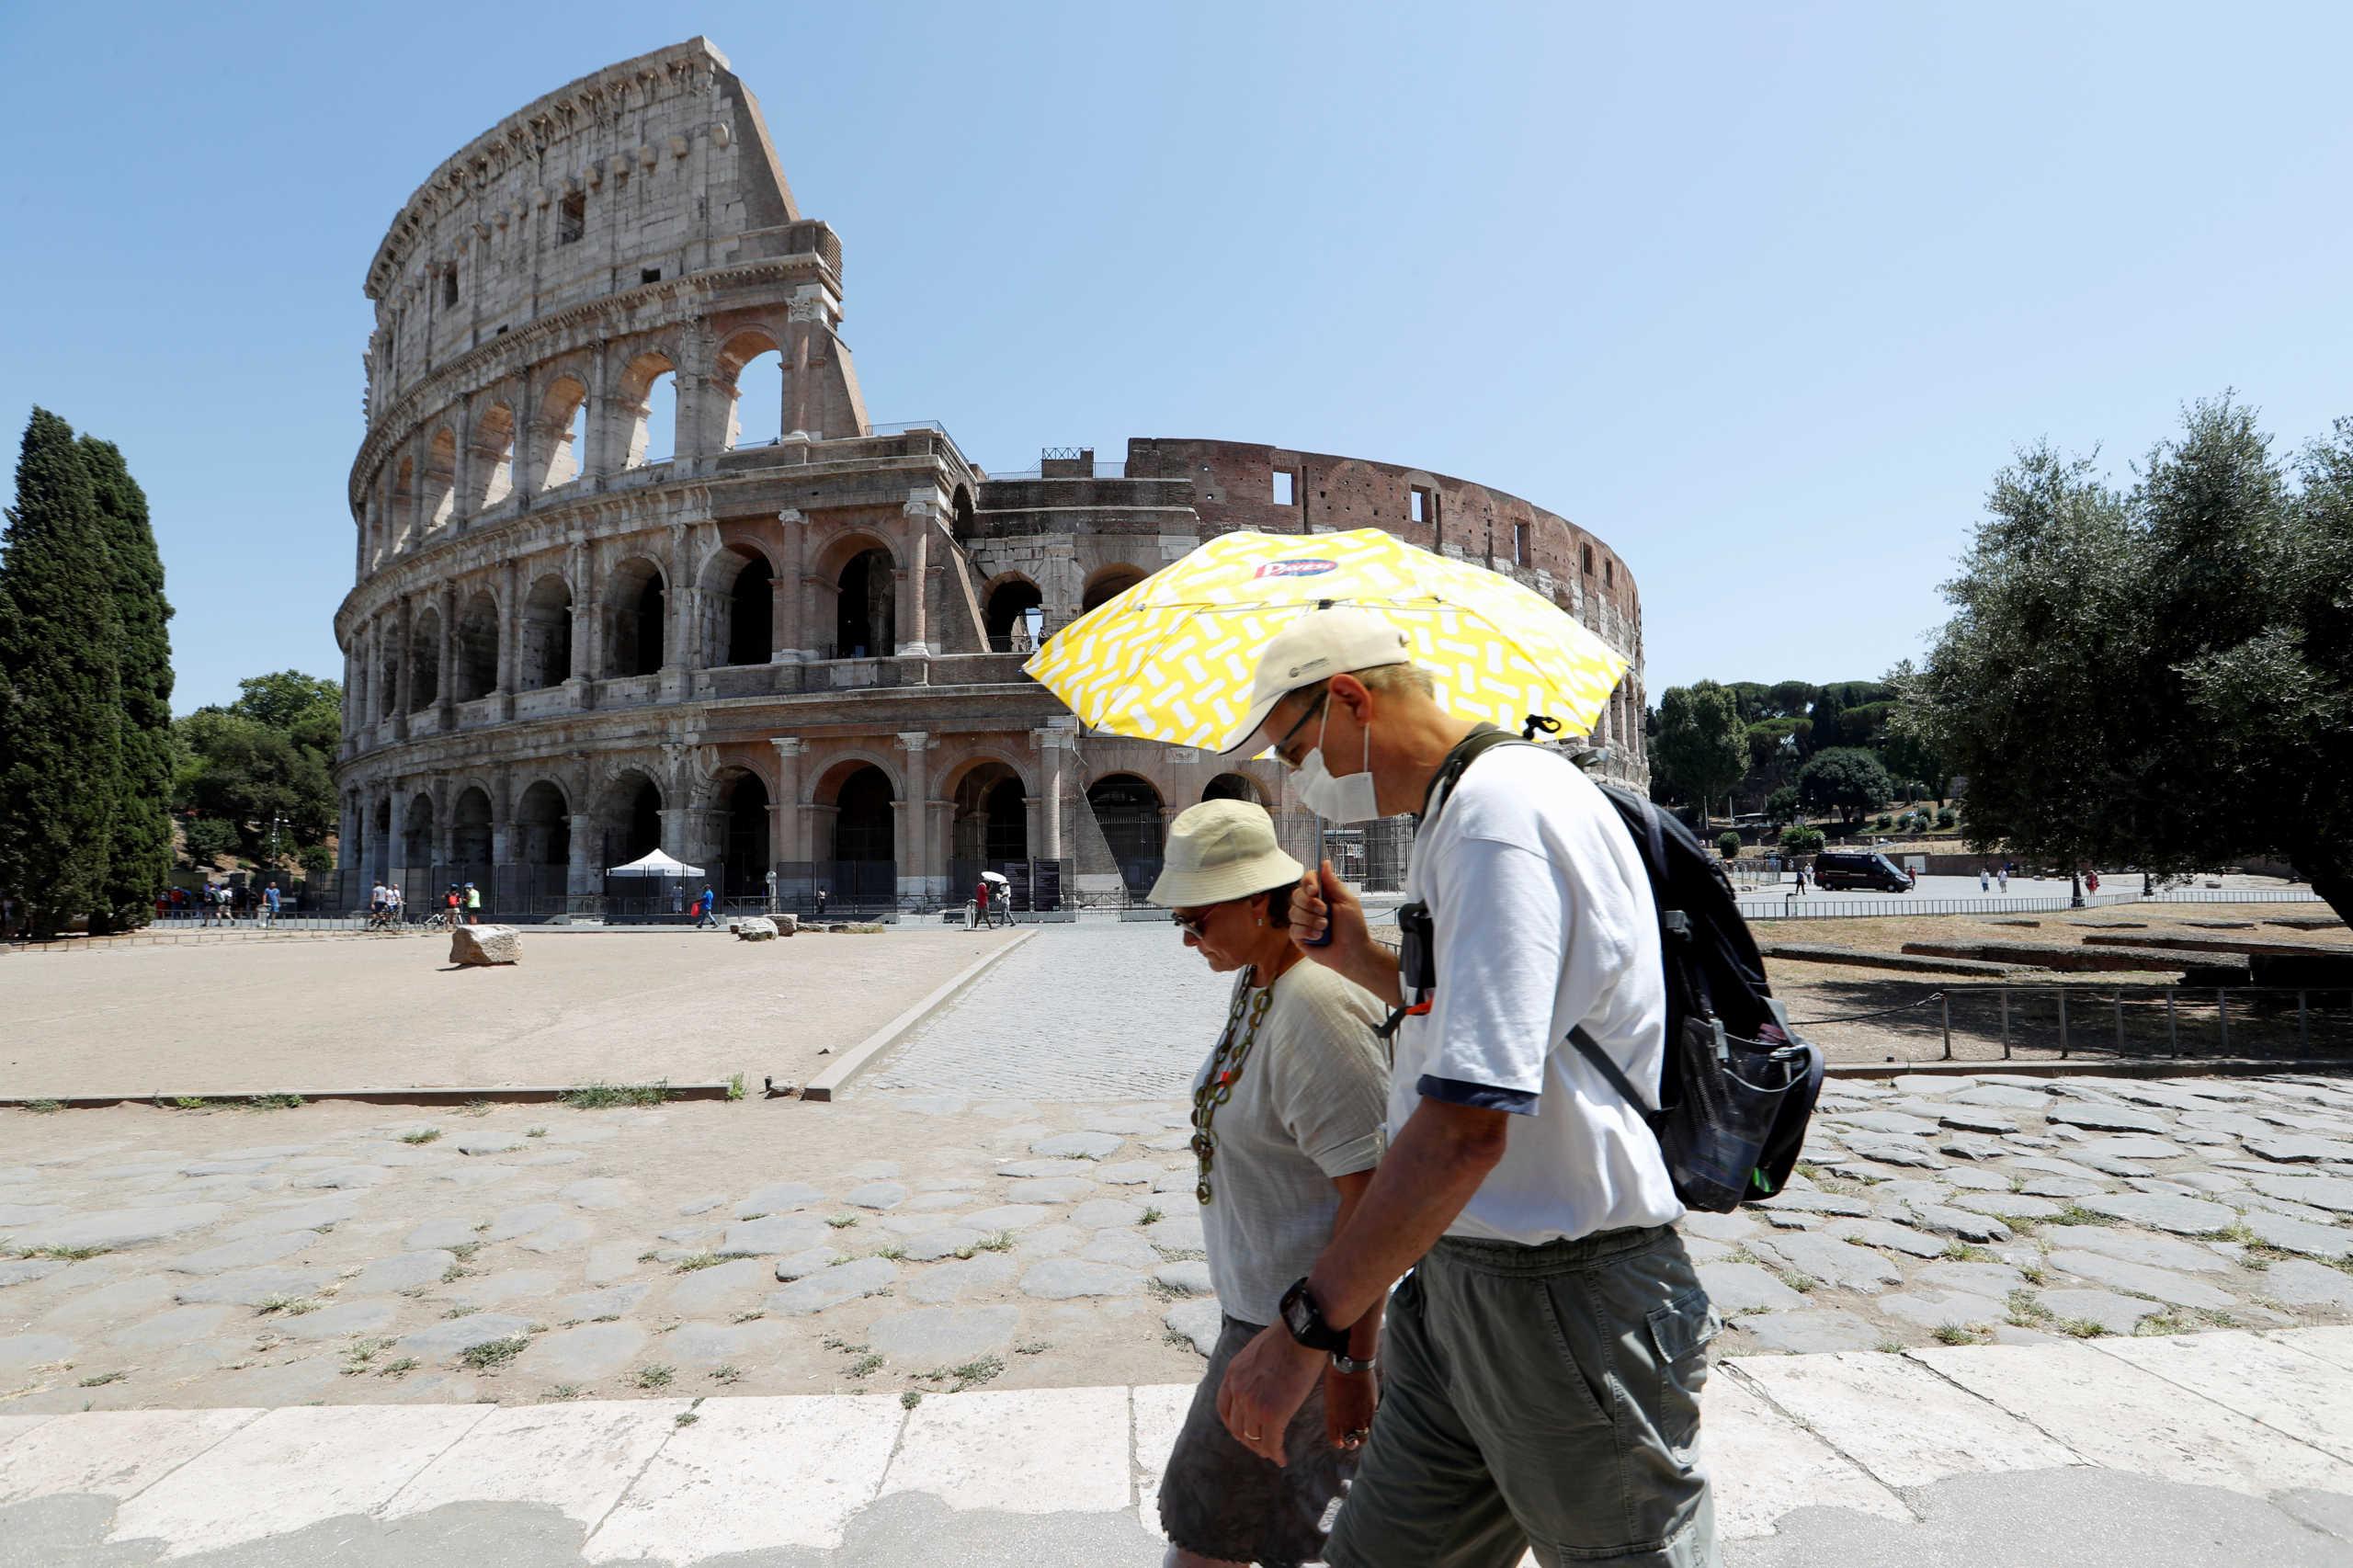 Ιταλία: Απόφαση για υποχρεωτική χρήση μάσκας σε κλειστούς χώρους